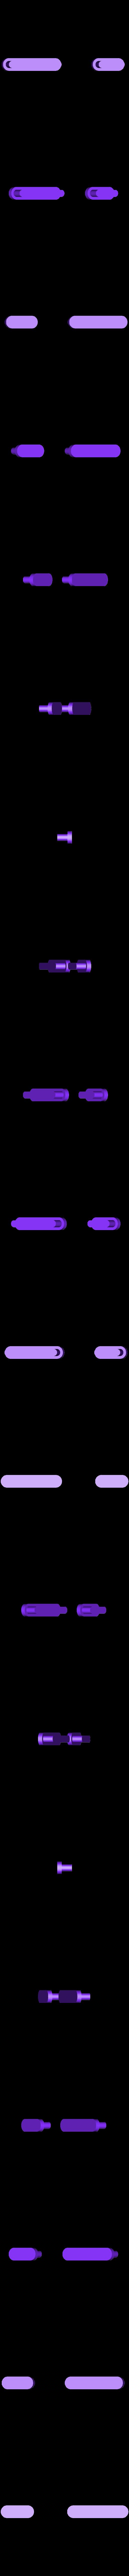 carcasa_botones_nokia_1020.stl Télécharger fichier STL gratuit Estuche, funda protectora Nokia Lumia 1020, con sistema articulado • Design pour imprimante 3D, saginau